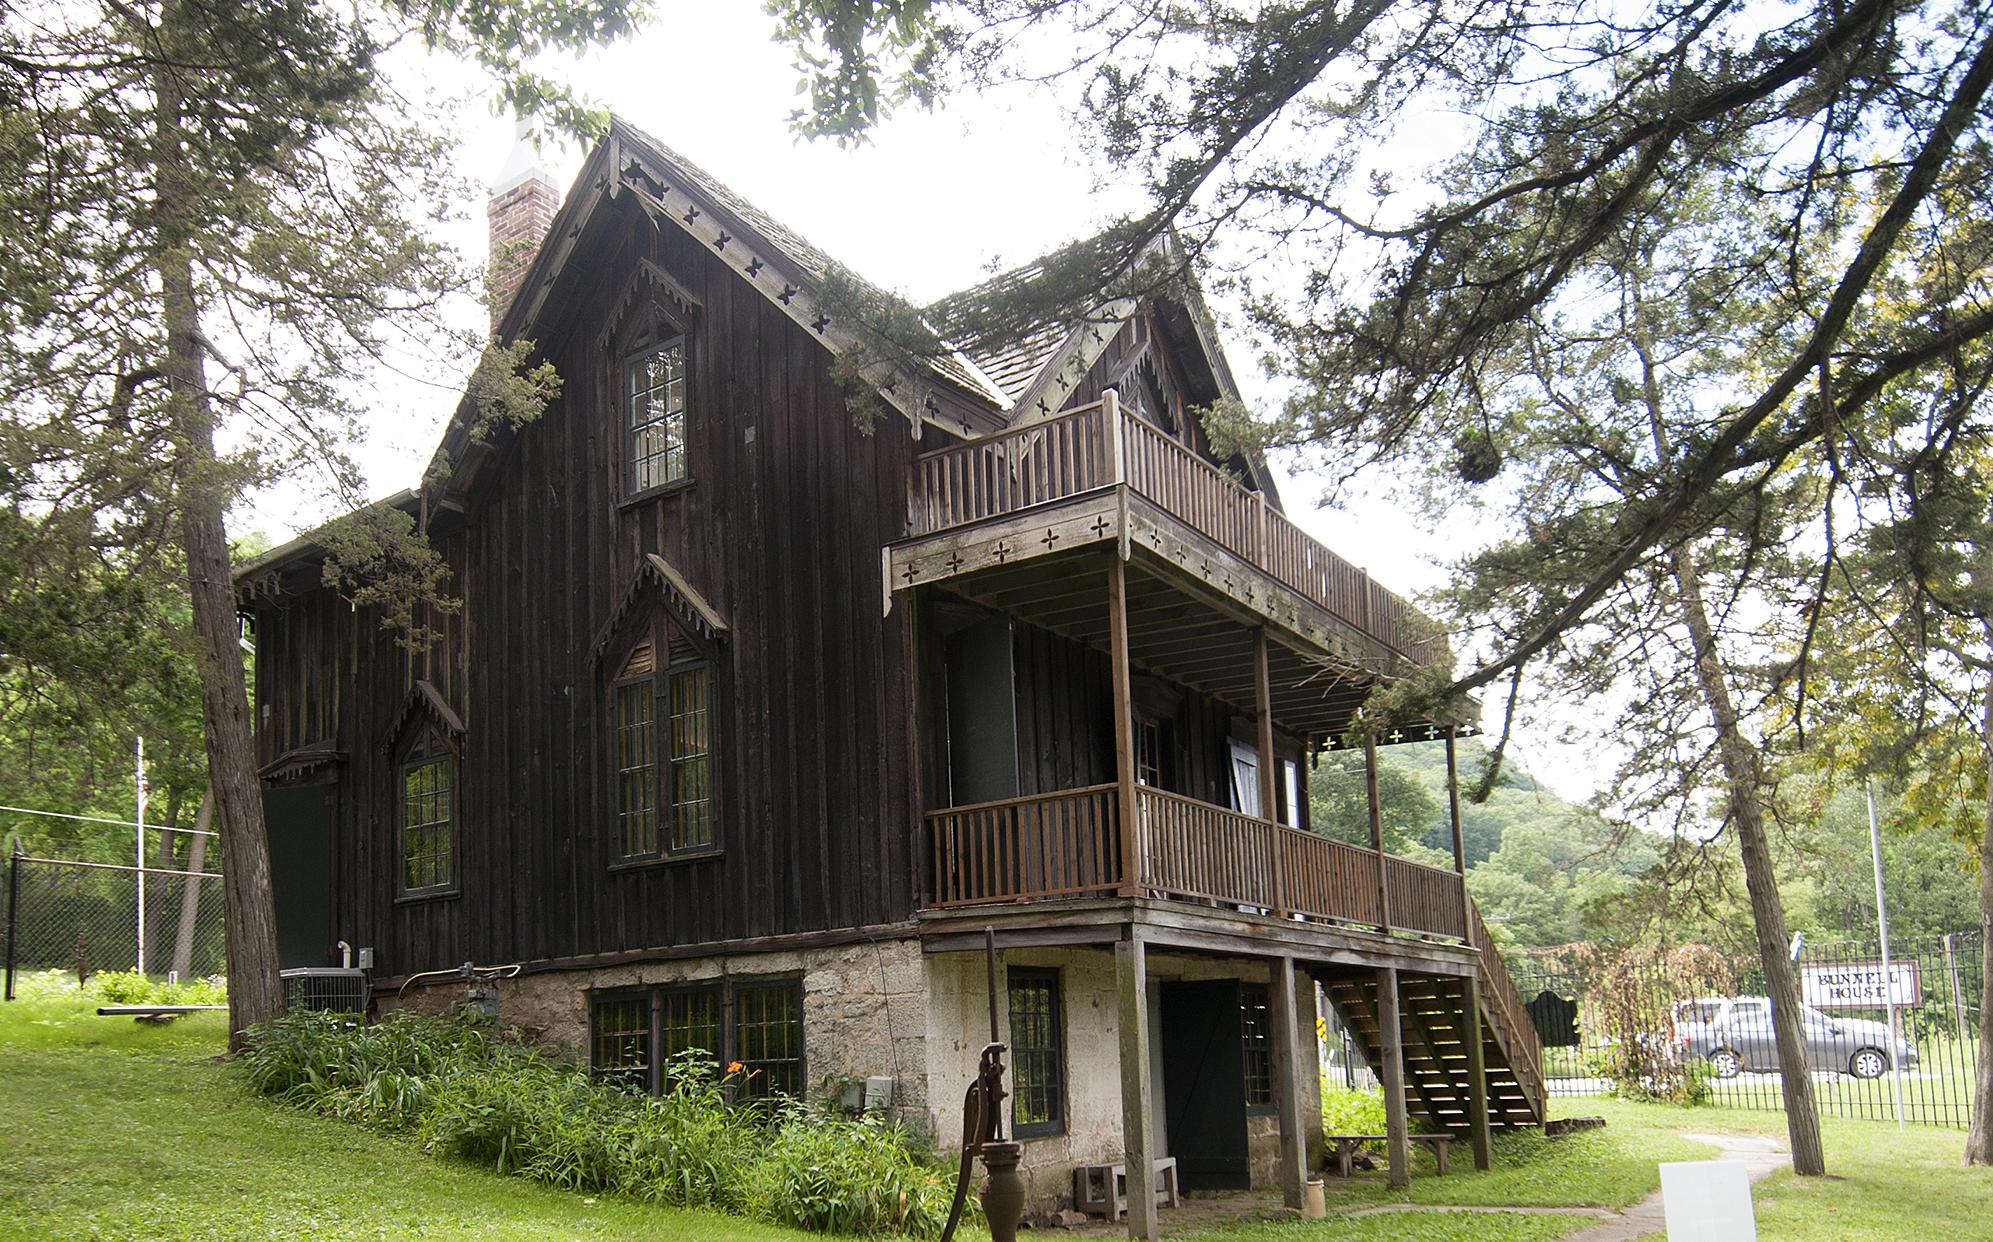 Winona Minnesota Historic Site Architecture history